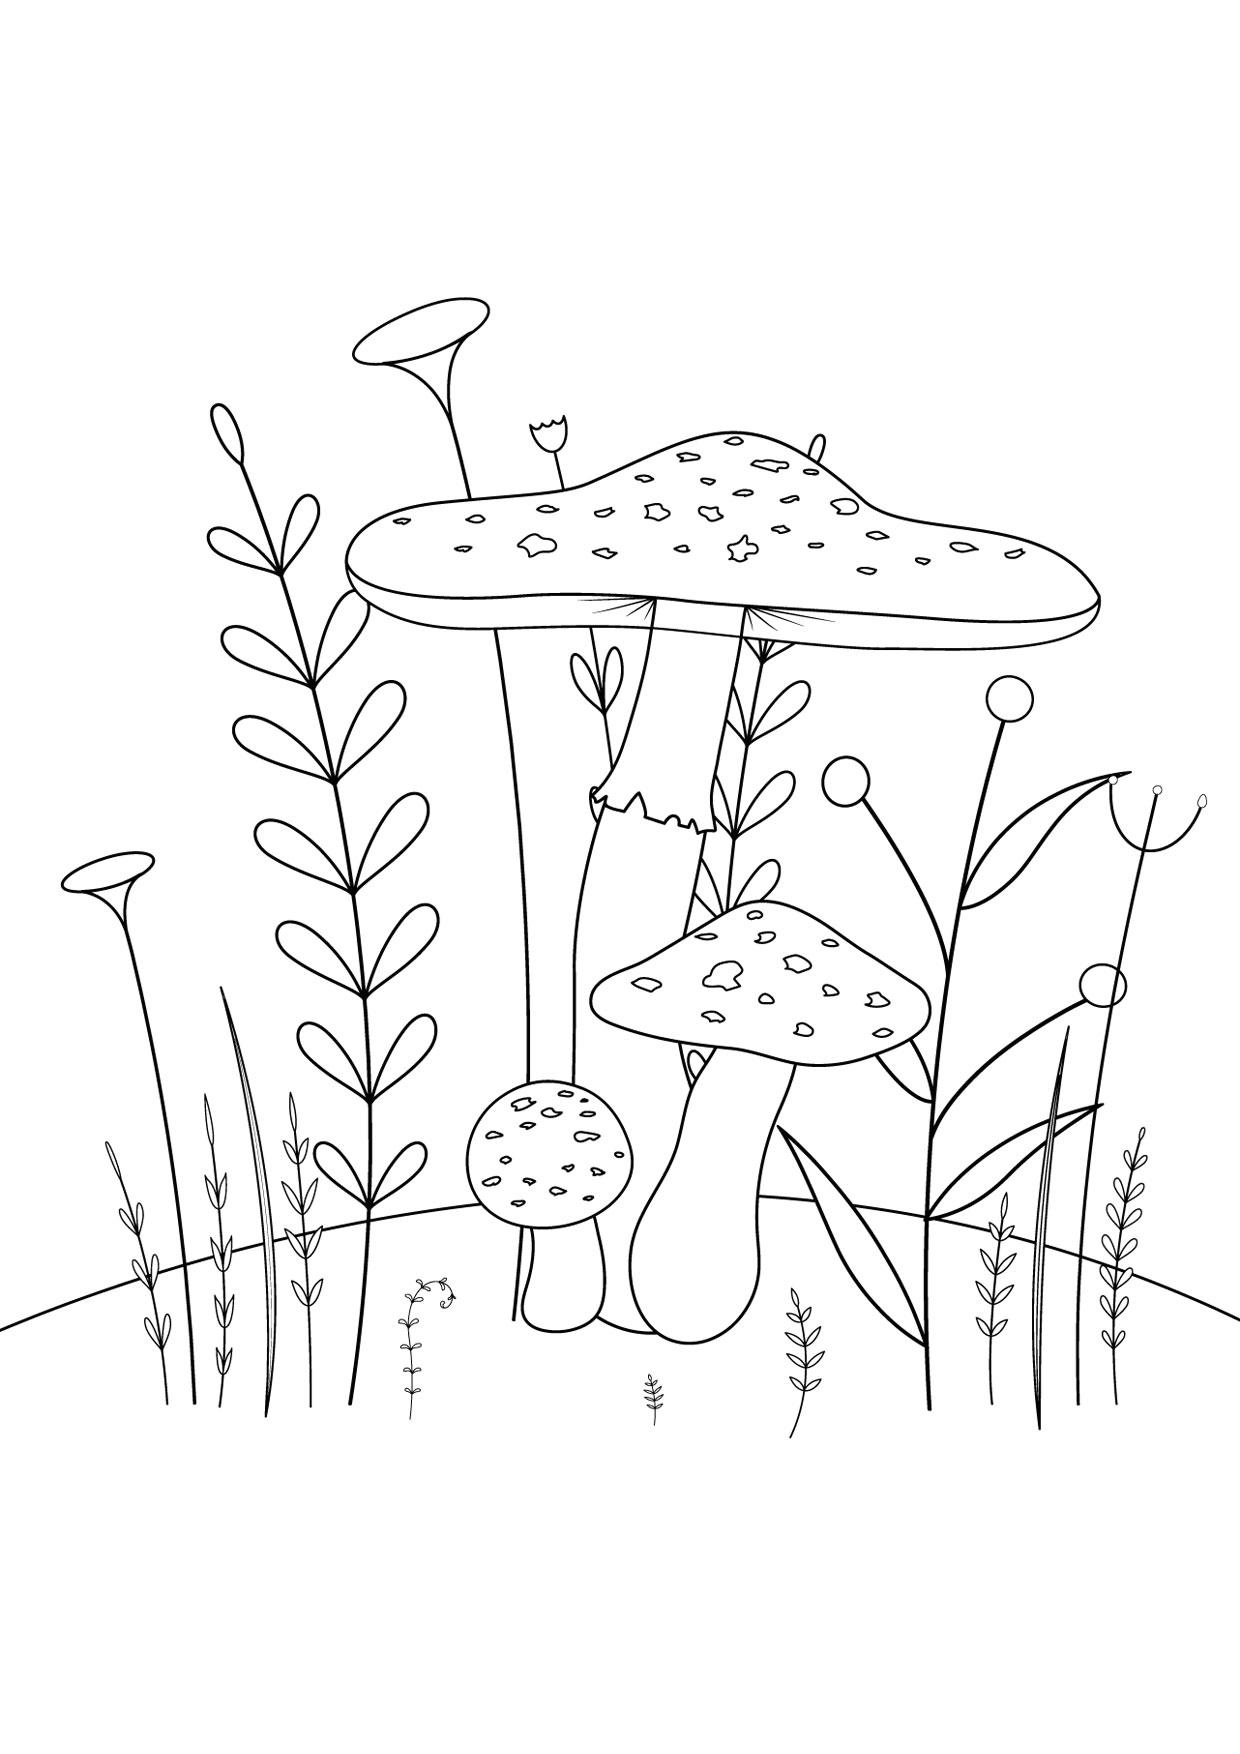 Disegno di funghi da colorare 09